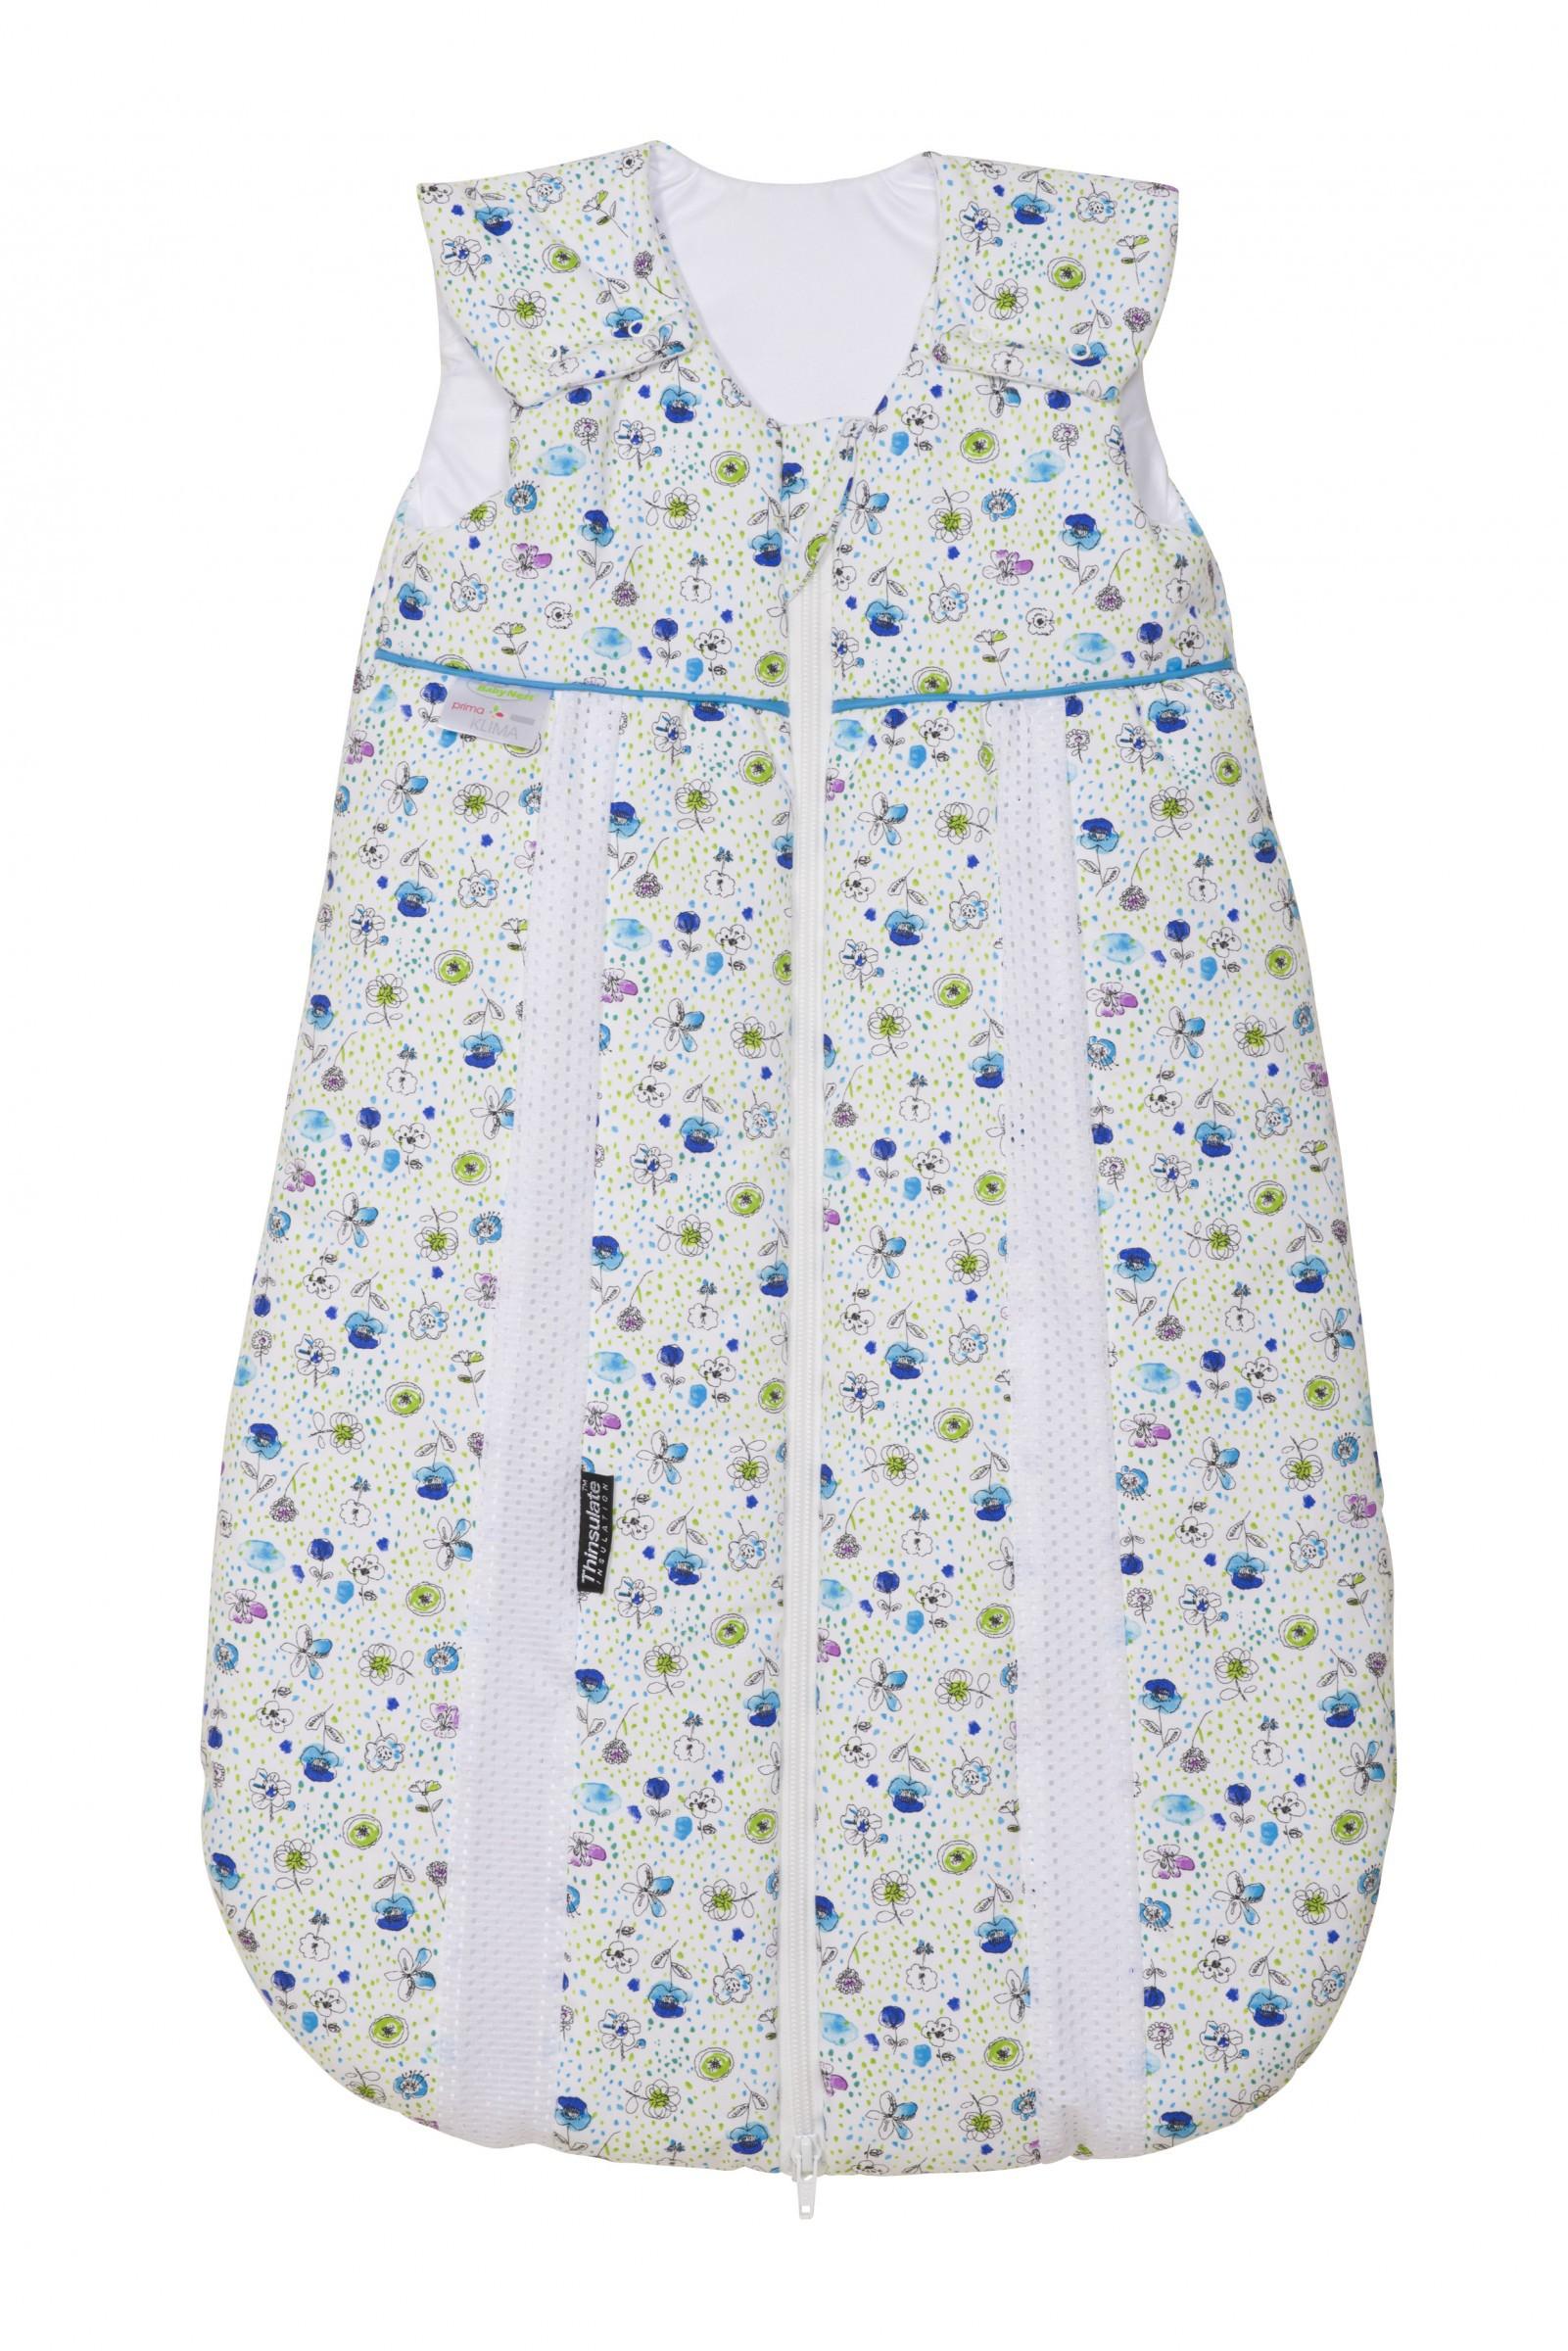 Odenwälder Baby-Schlafsack Thinsulate Flower blau